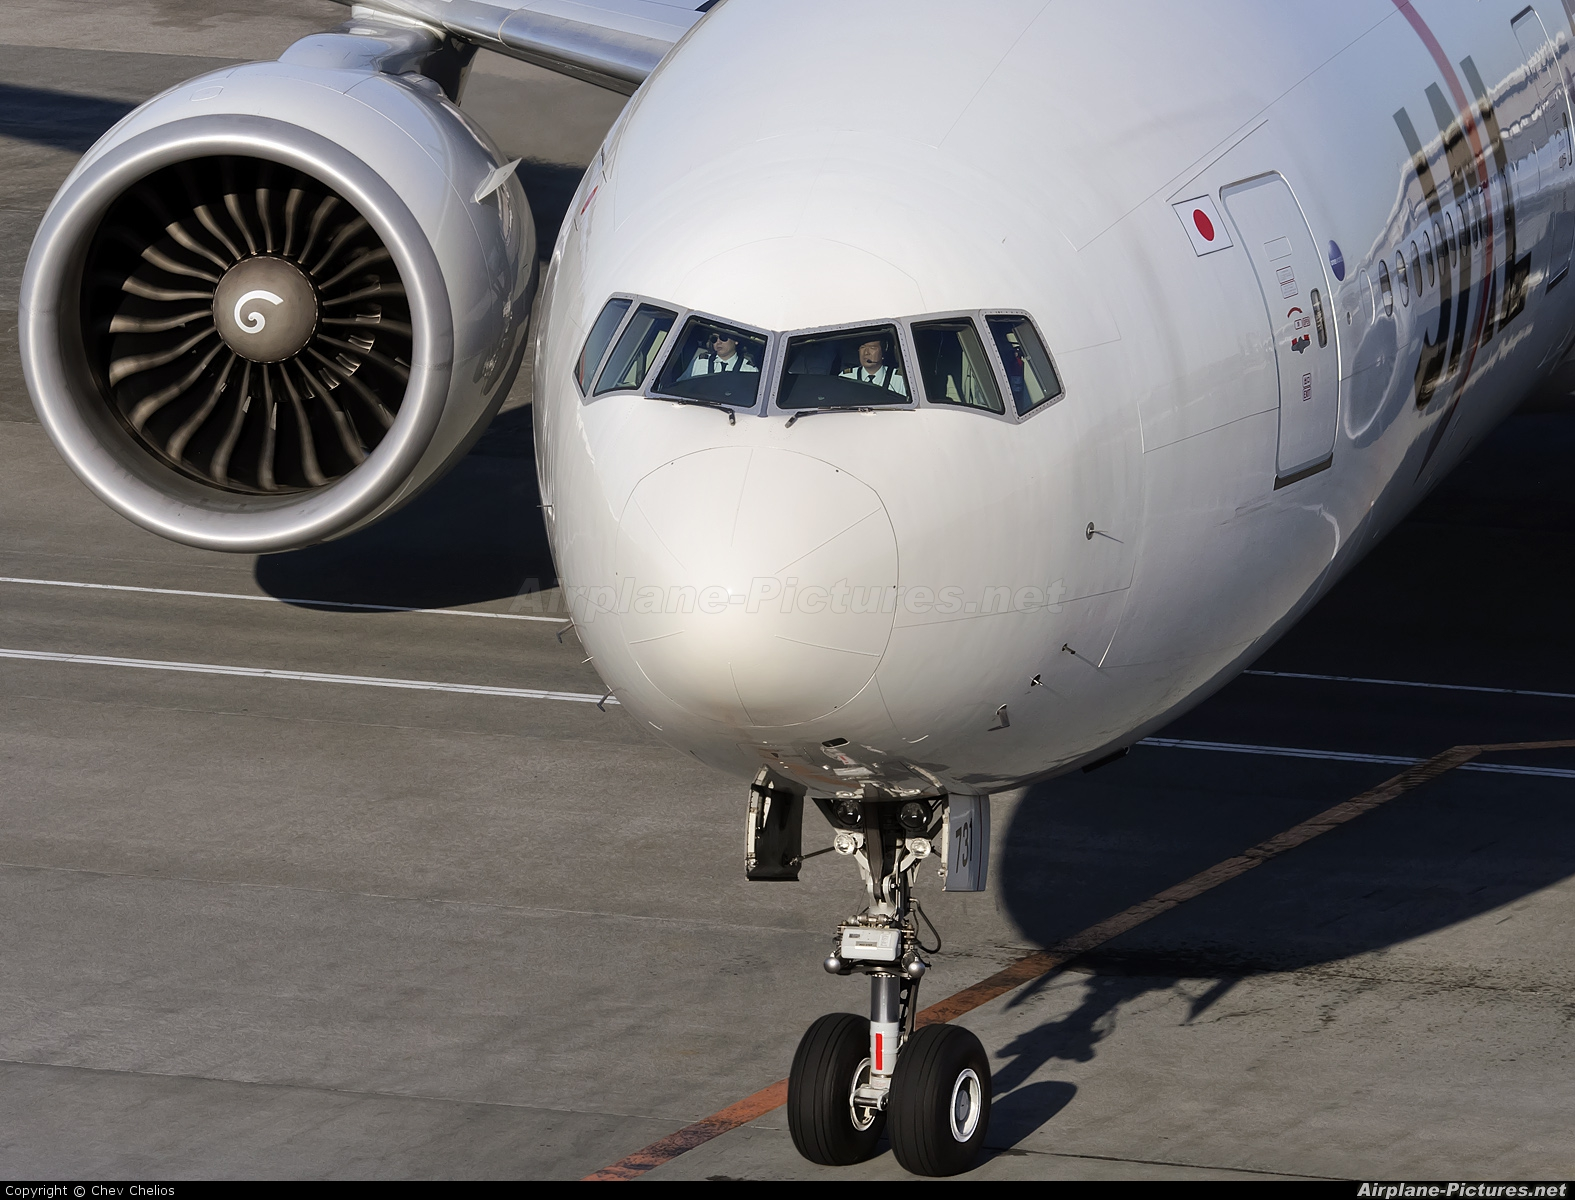 JAL - Japan Airlines JA731J aircraft at Tokyo - Narita Intl